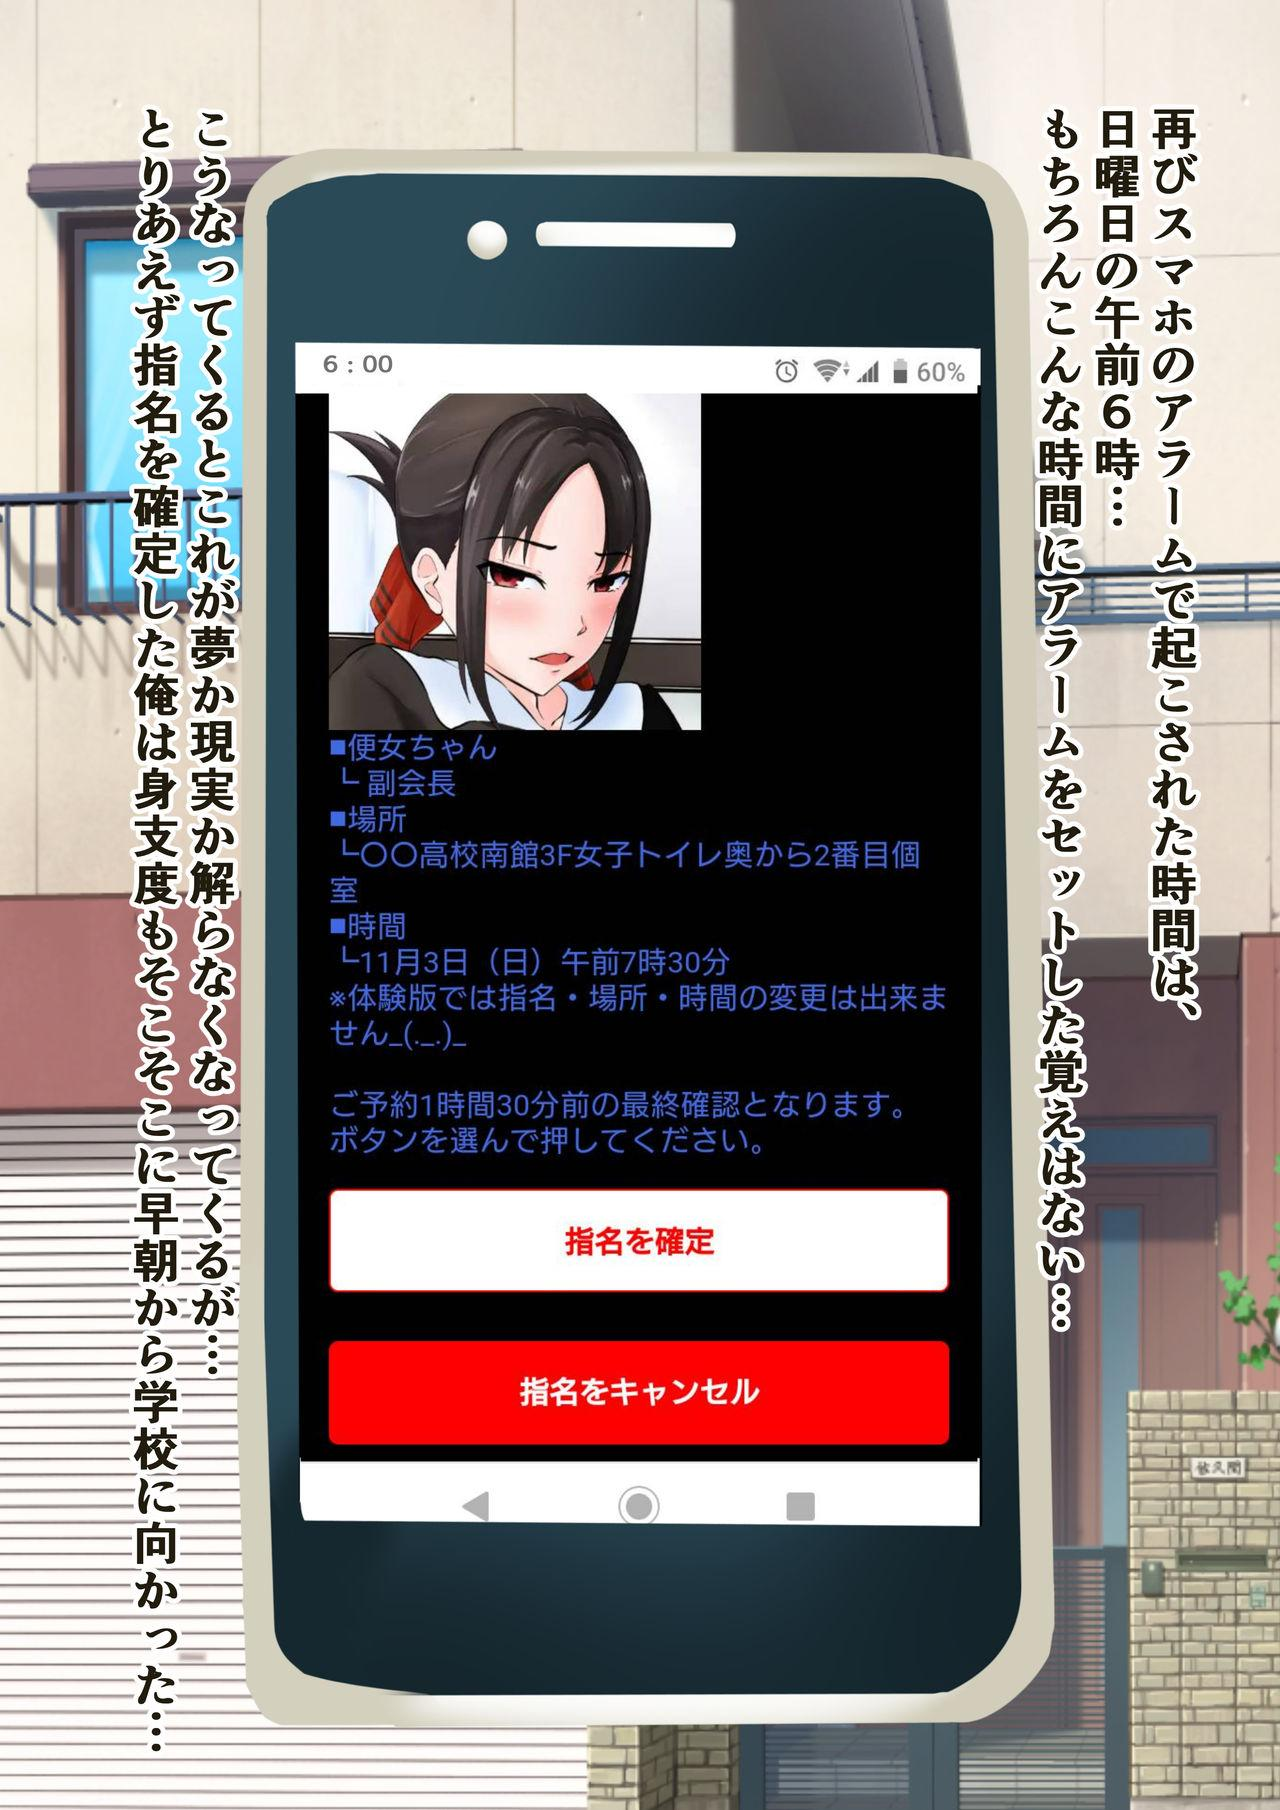 goshimeinikubennzyo-chan hukukaicyouhen 2